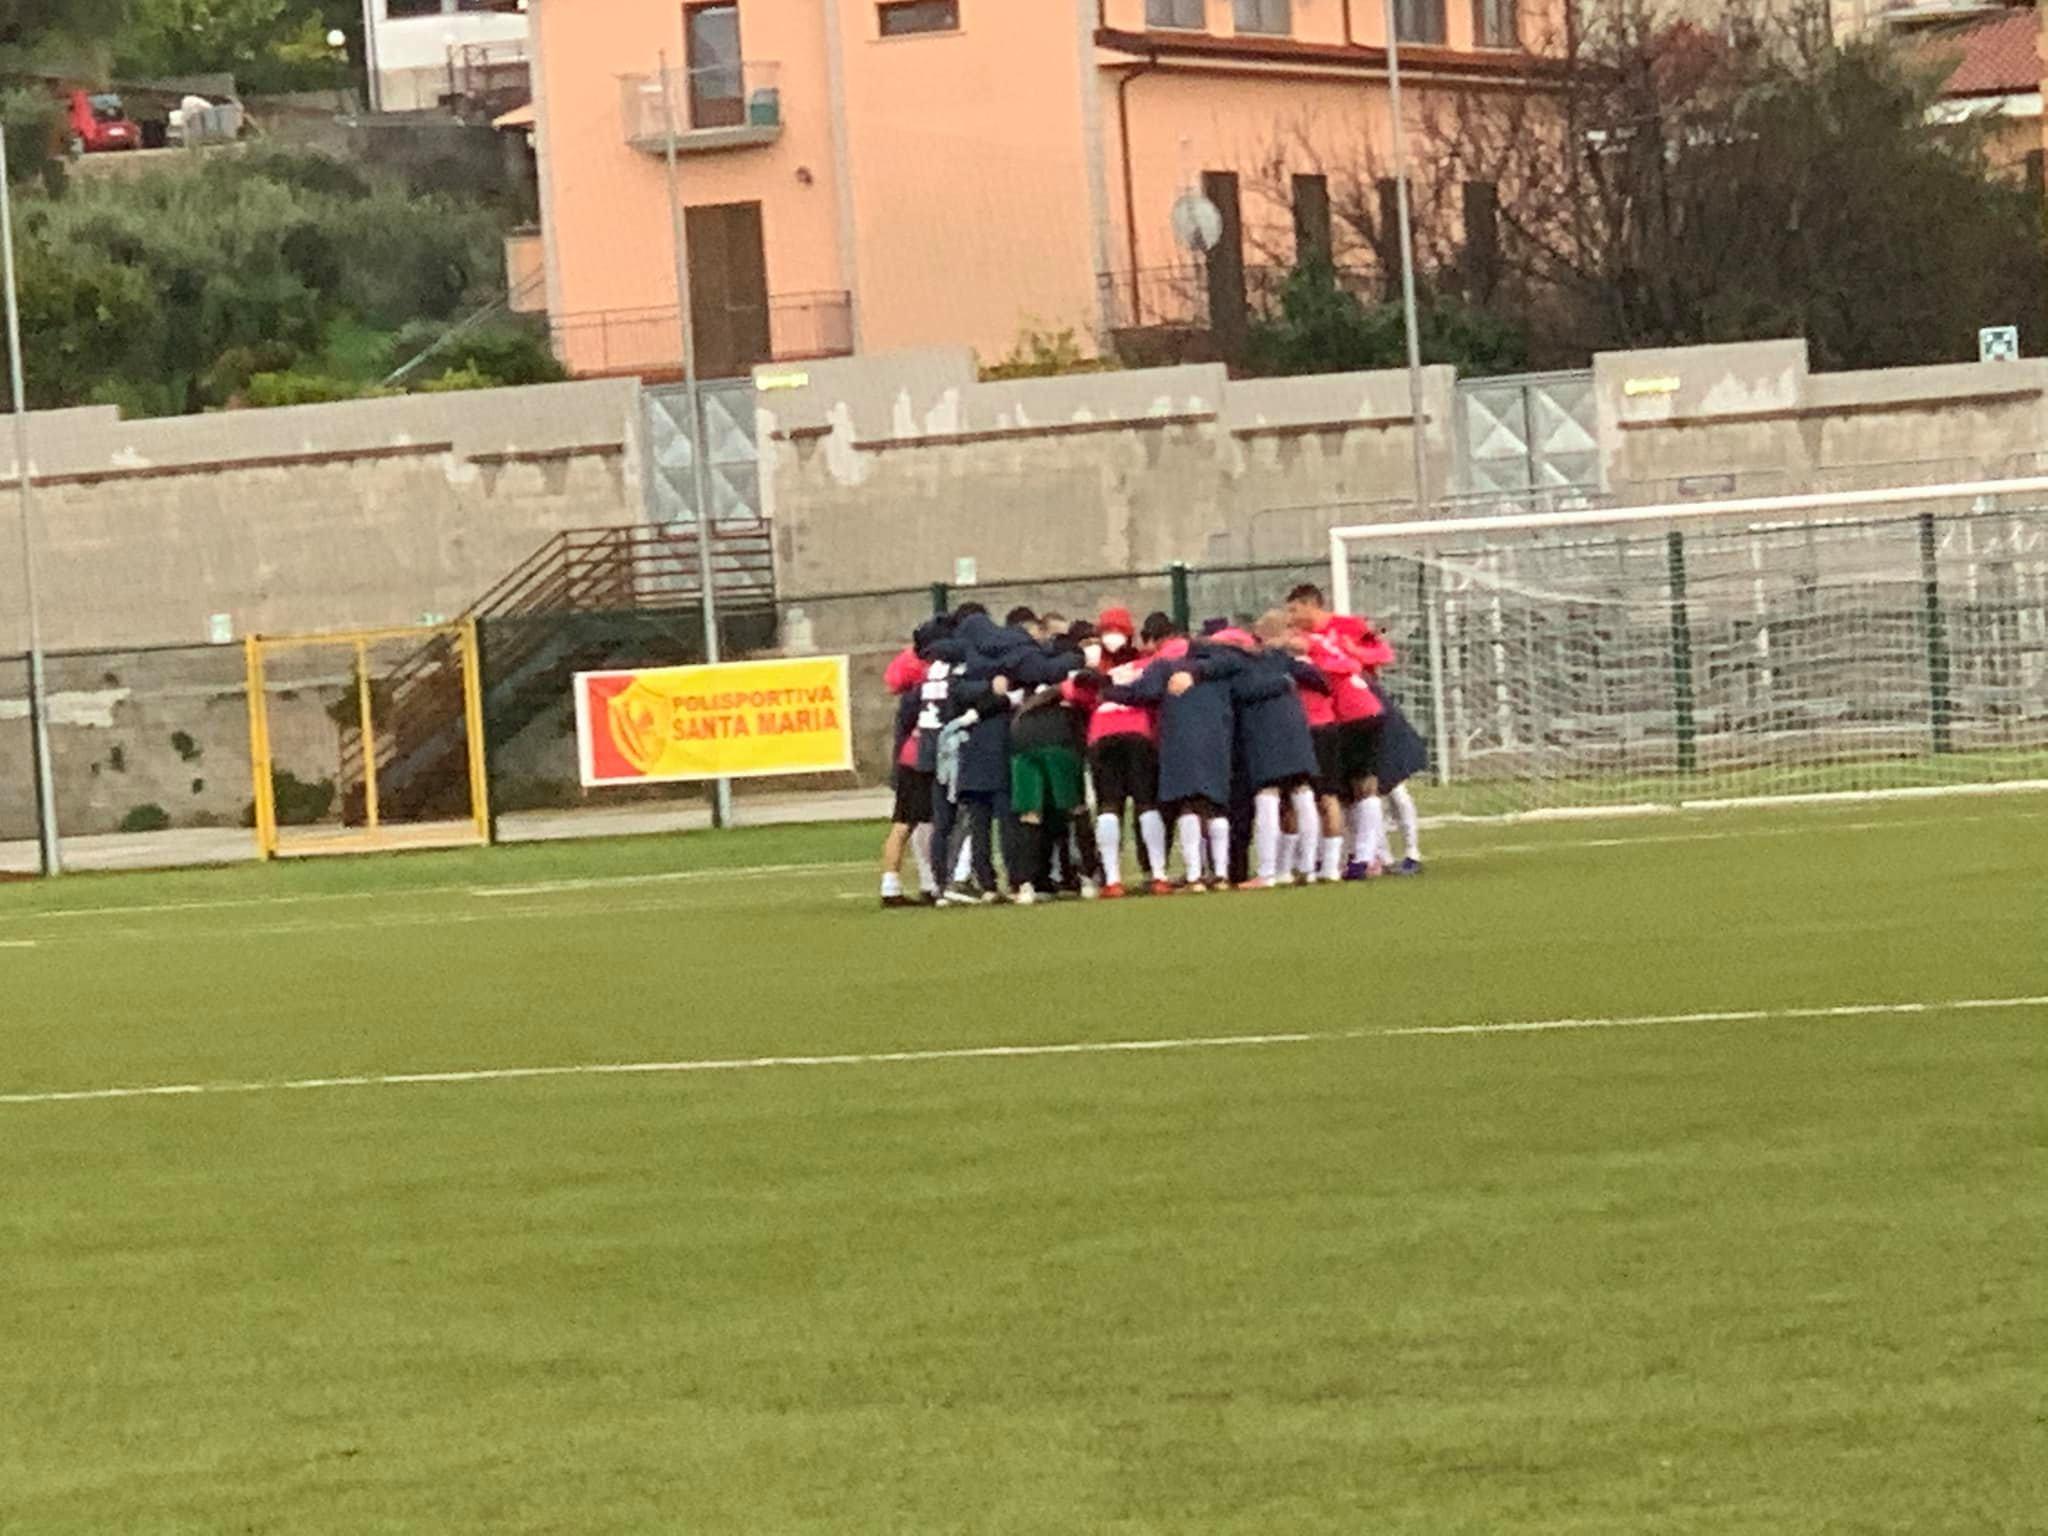 El Marina di Ragusa de Iván Agudiak consigue un valioso empate con dos jugadores menos